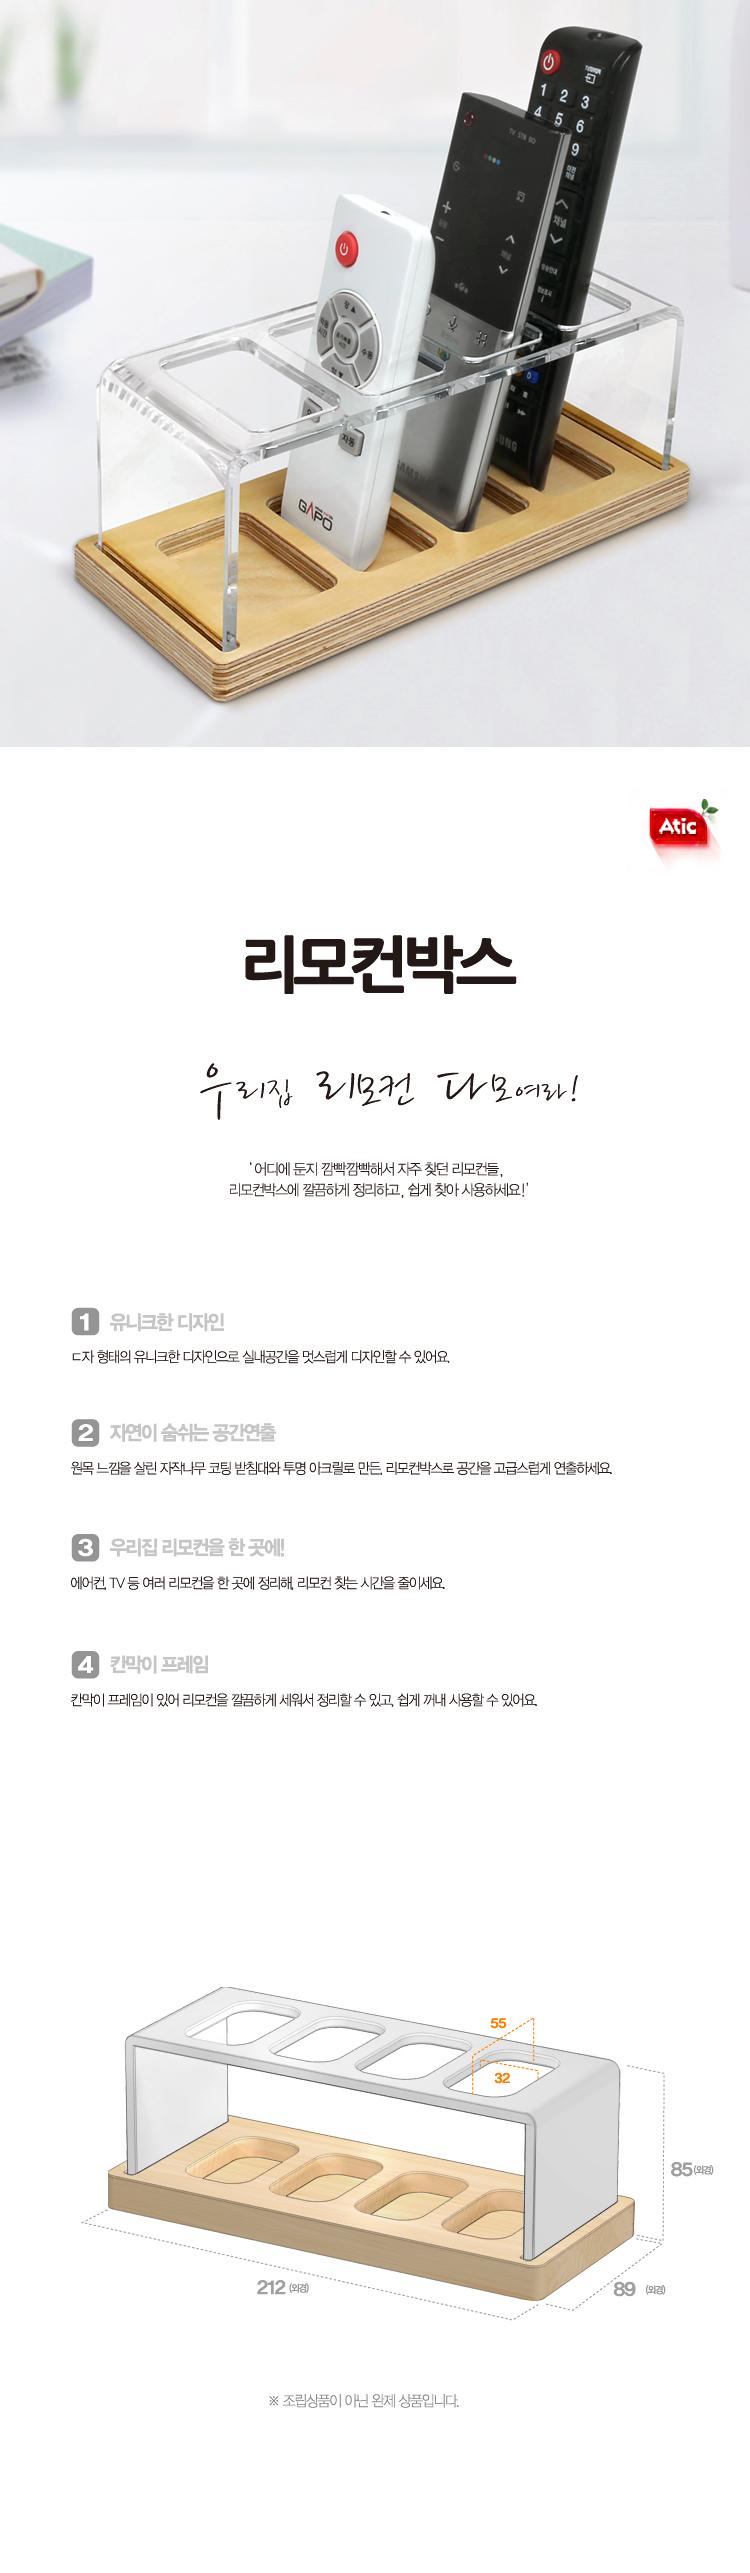 리모컨박스 - 아틱, 17,000원, 정리/리빙박스, 소품정리함